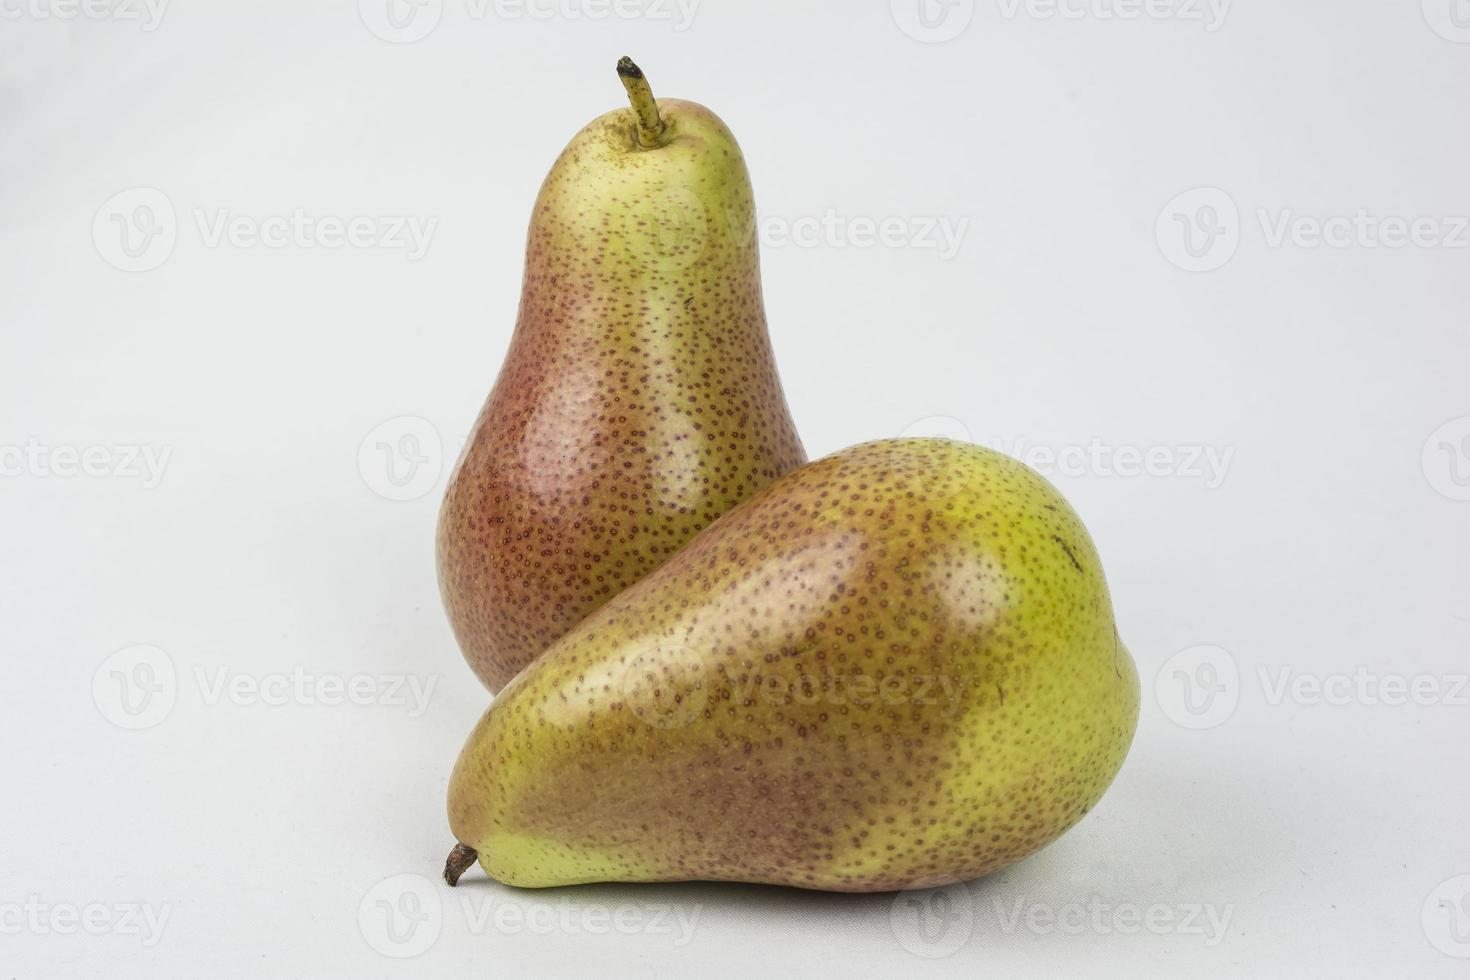 vad ett päron foto